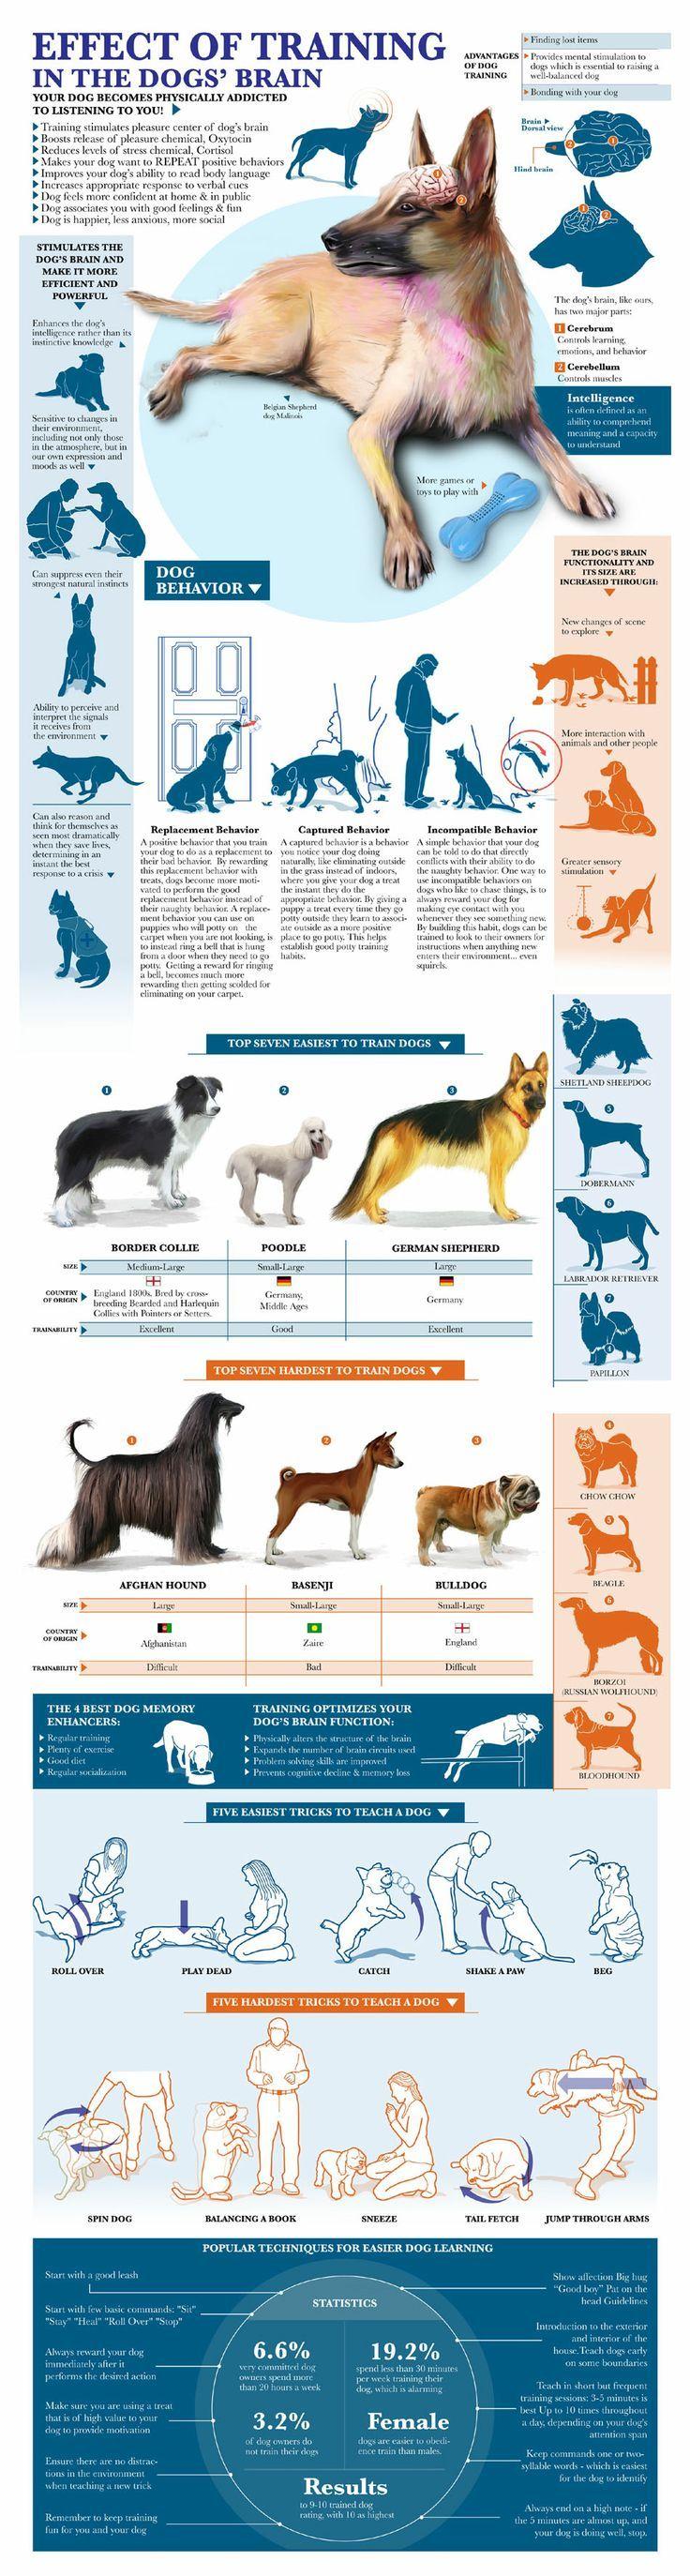 dog training.